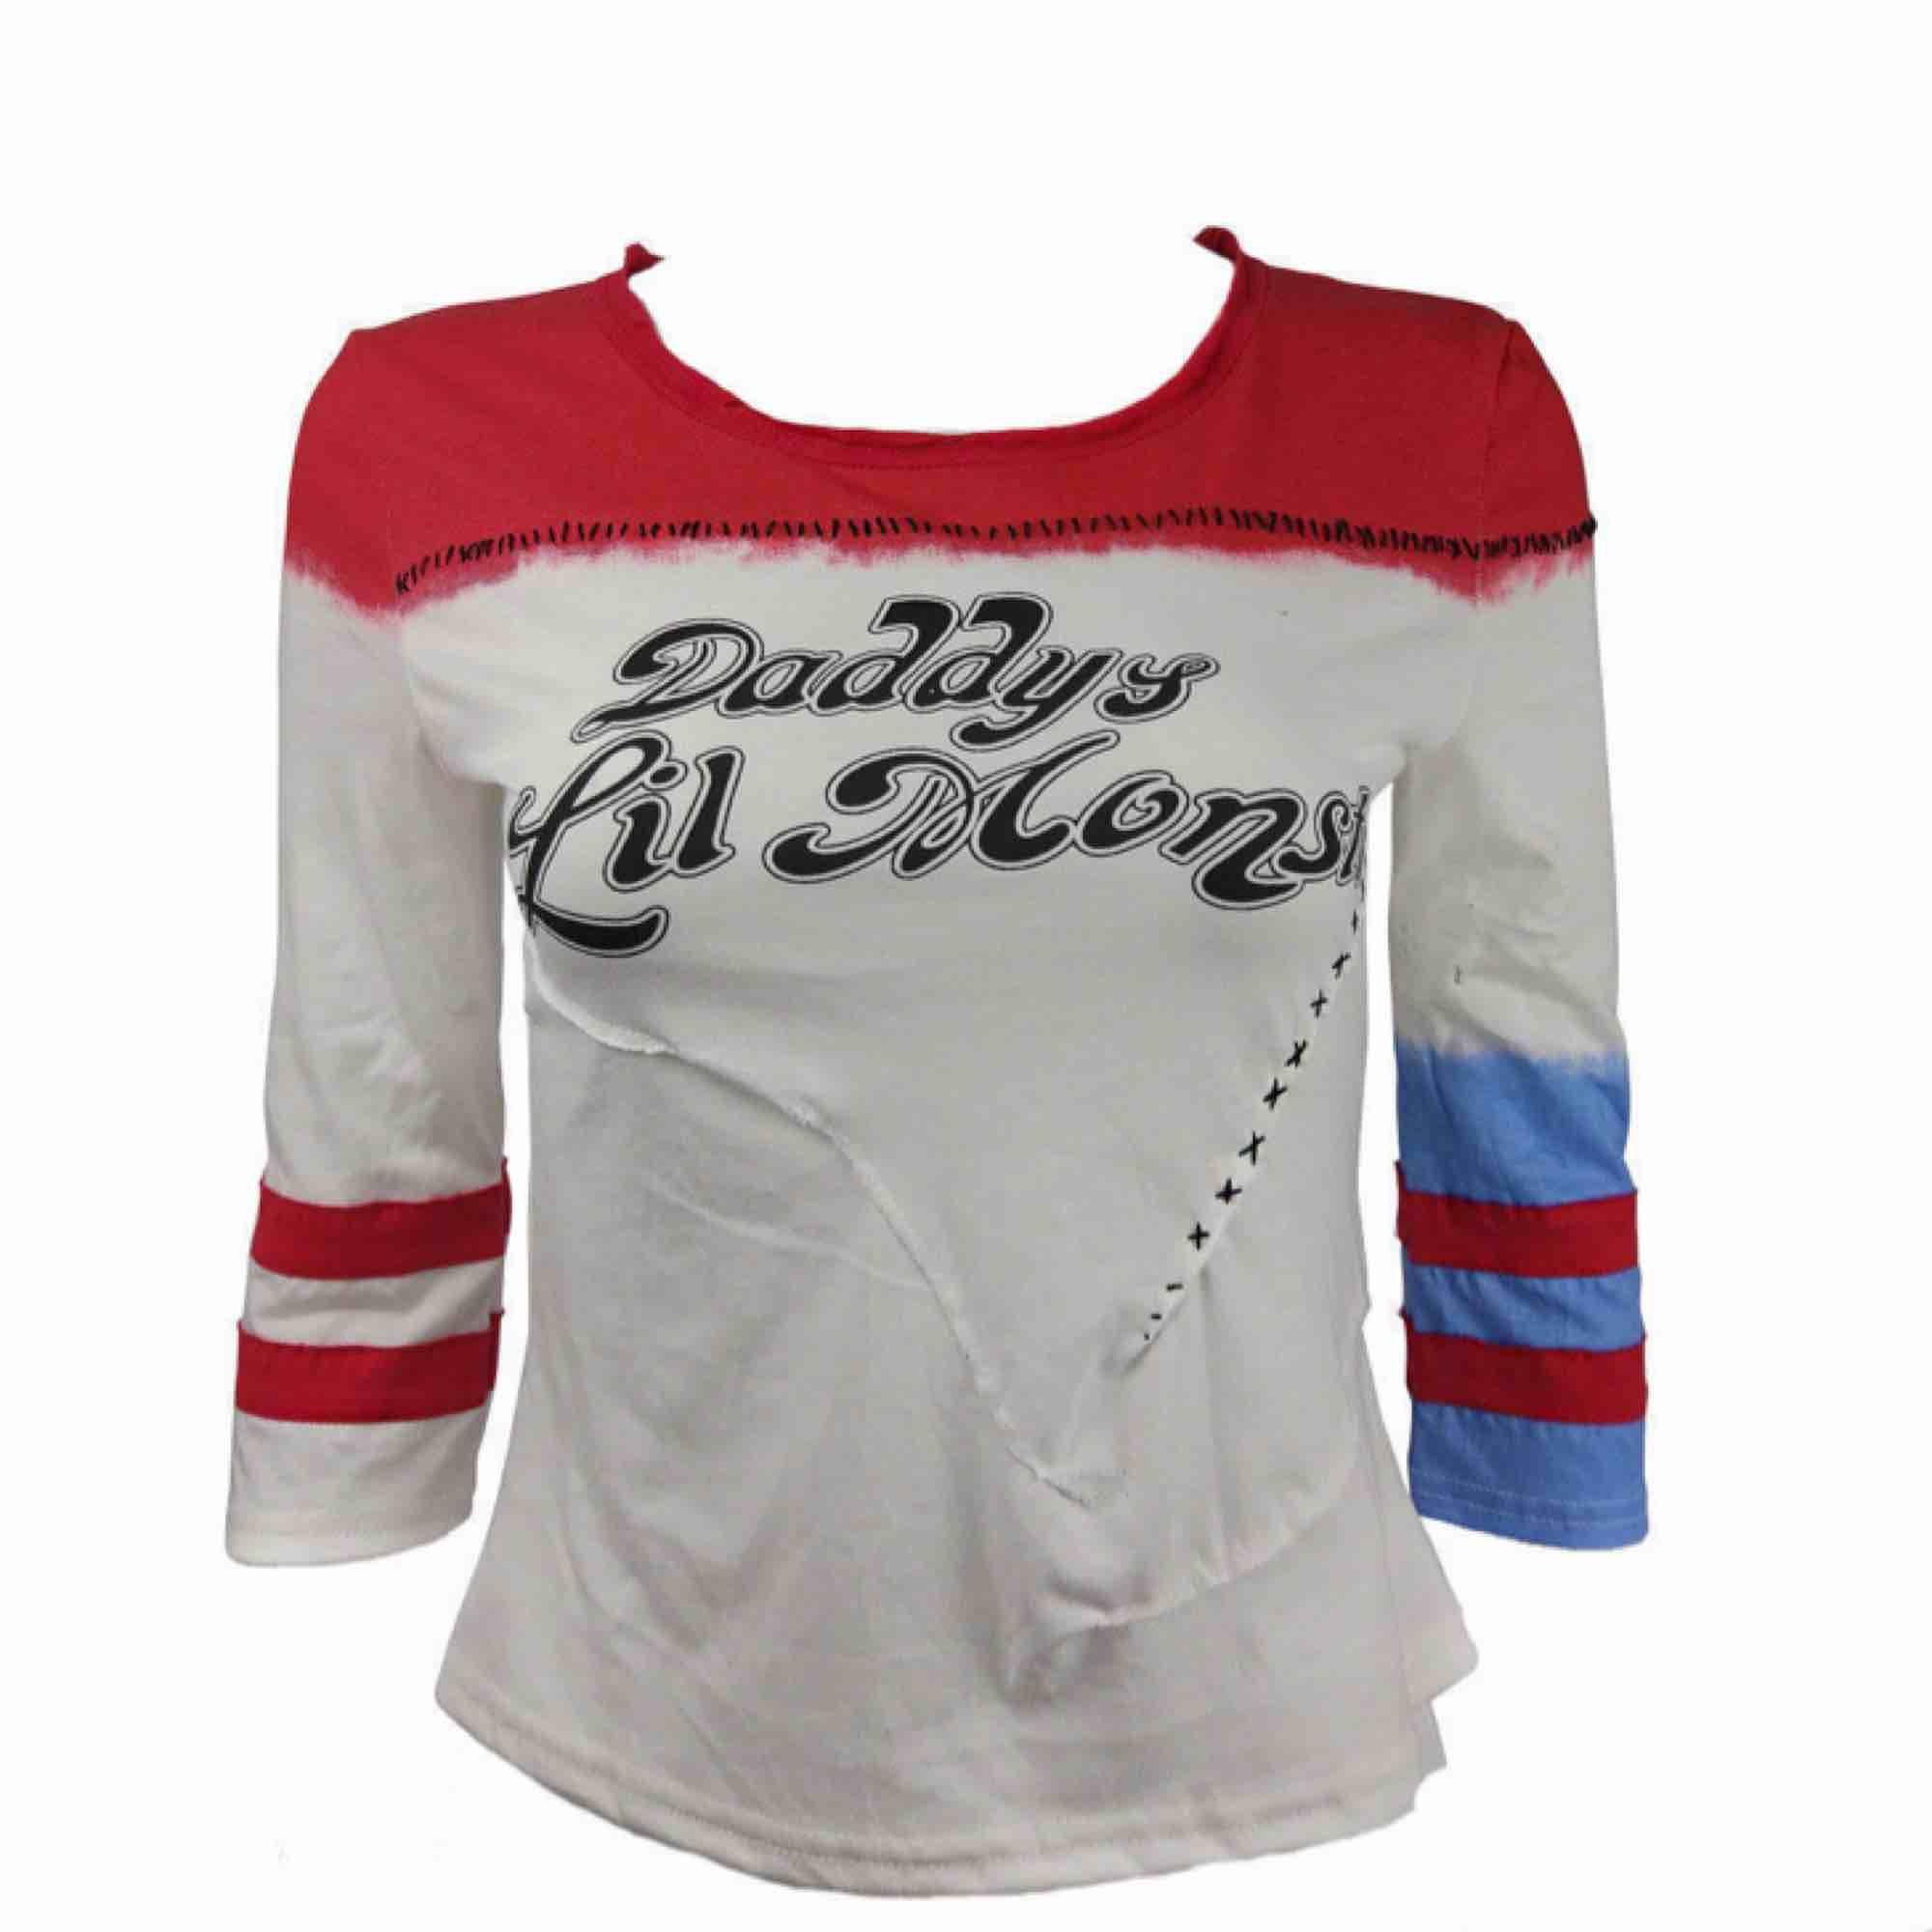 Harley Quinn tröja, köpt från nätet men är bra kvalitet förutom att tyget är rätt så tunt. Väldigt detaljerad och passar perfekt till halloween eller cosplay. Säljer för 80 kr + frakt ♣️♦️. Kostymer.